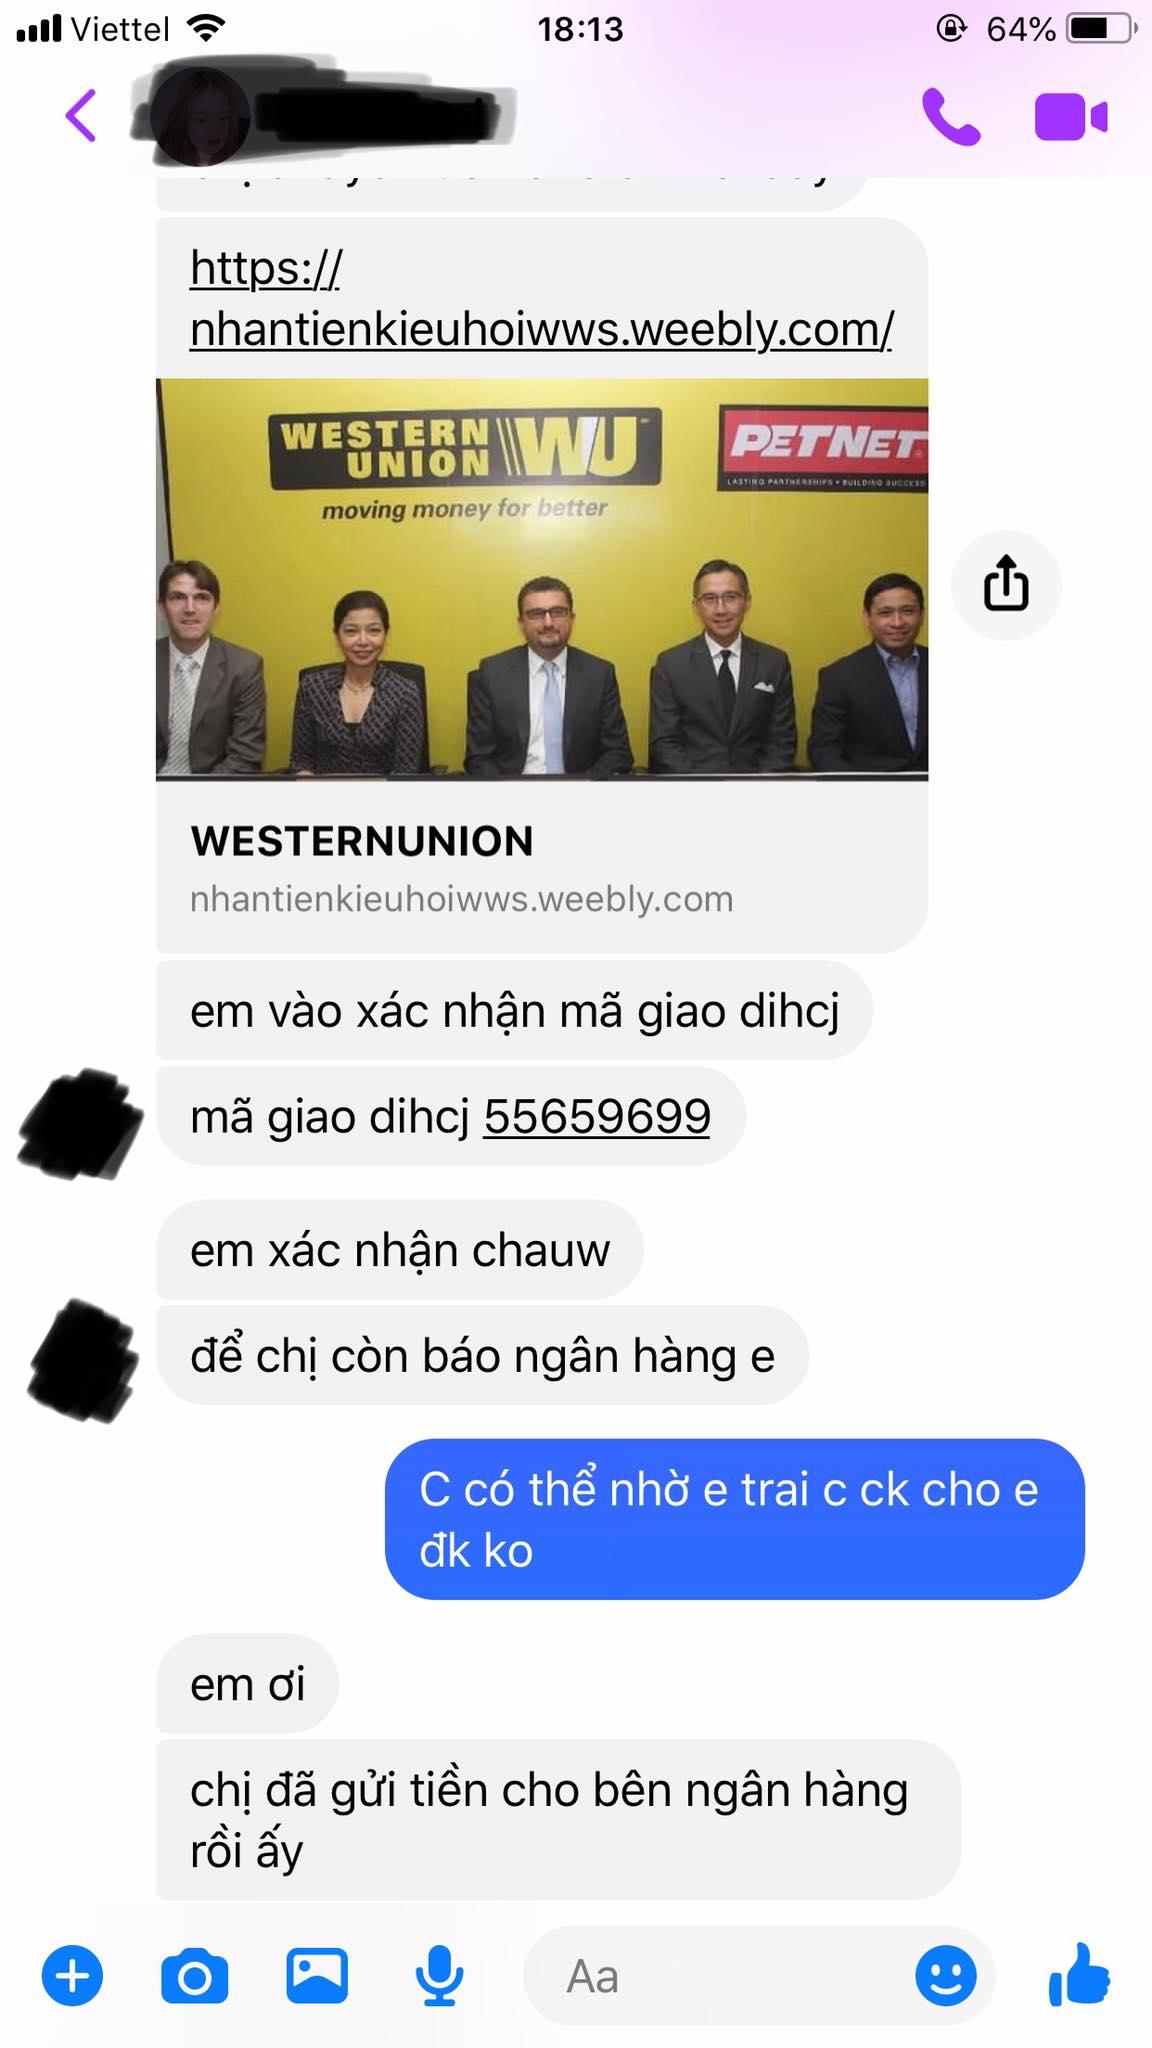 Các đối tượng lừa đảo dẫn dụ bị hại đăng nhập vào đường link website Western Union giả mạo.